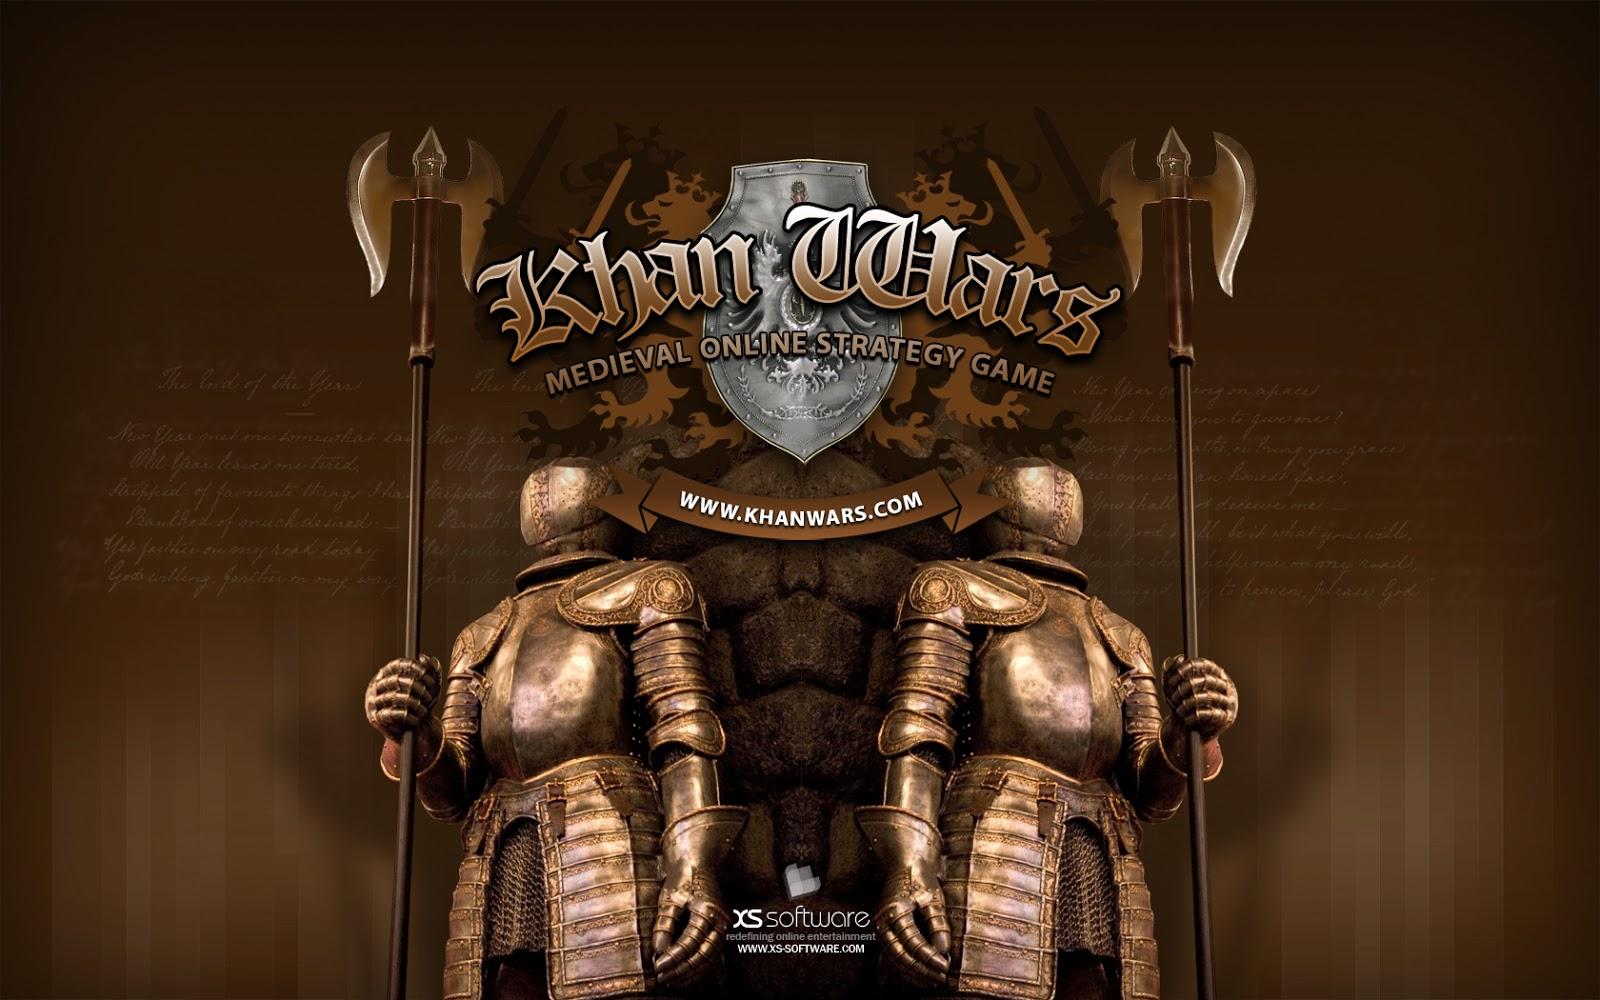 العاب حرب اون لاين - حرب الملوك